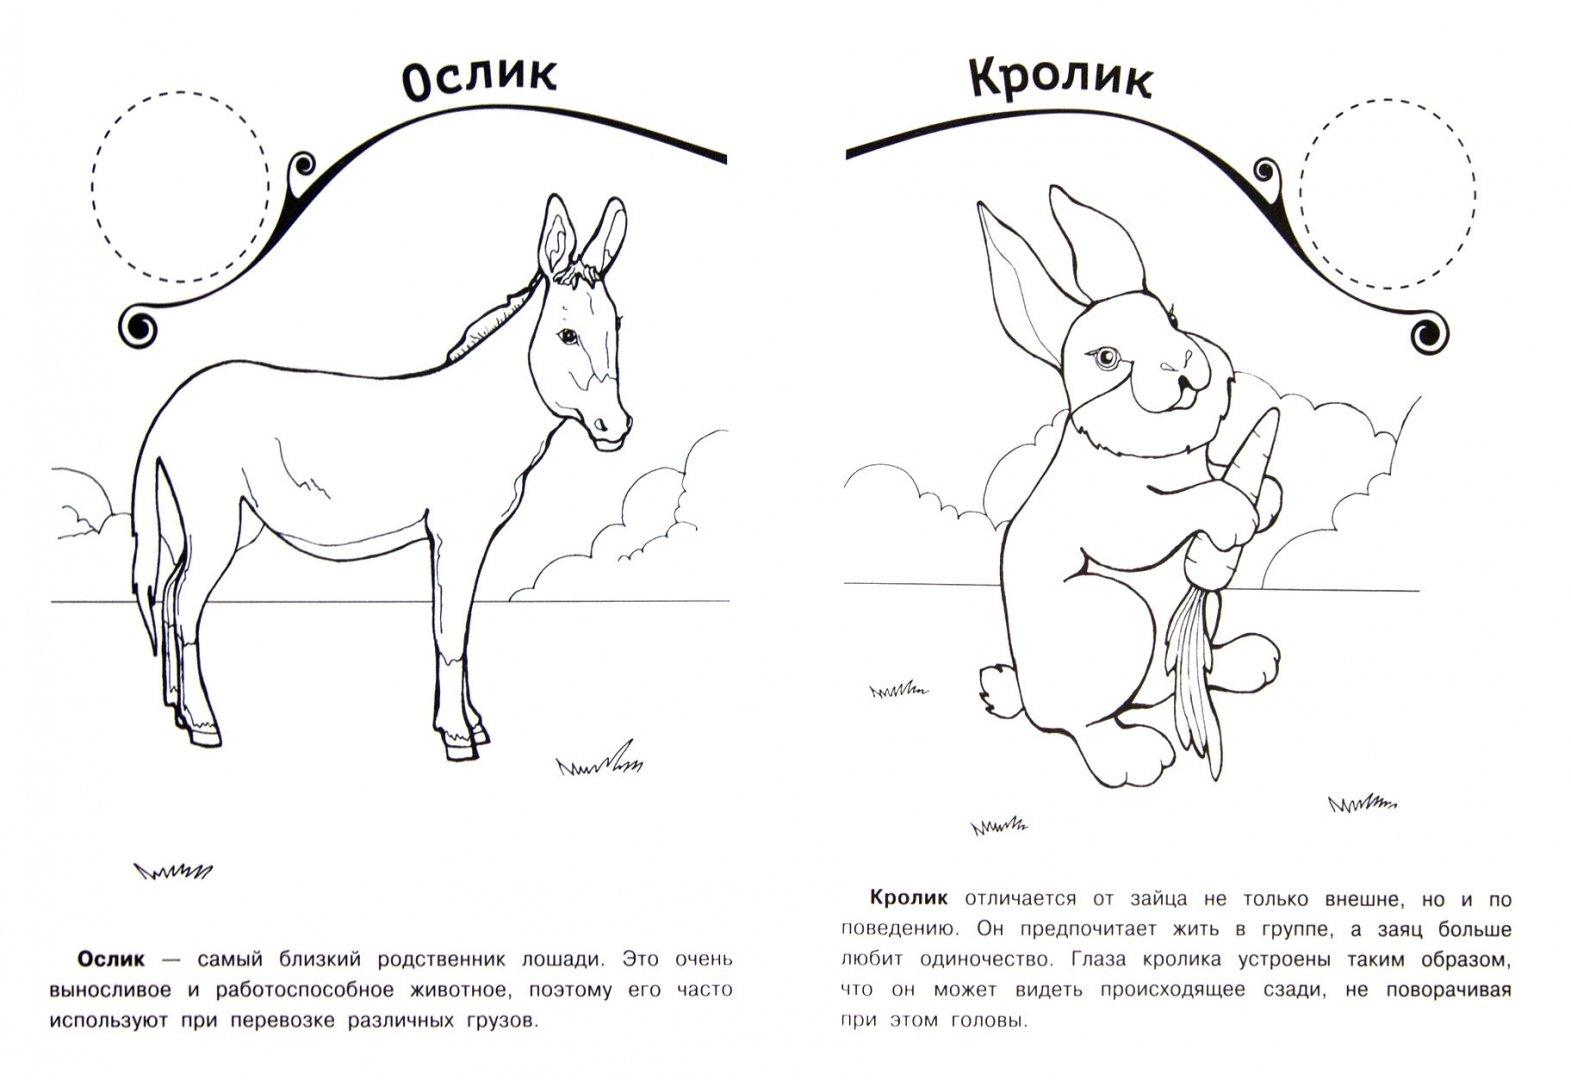 Иллюстрация 1 из 5 для Веселая ферма | Лабиринт - книги. Источник: Лабиринт